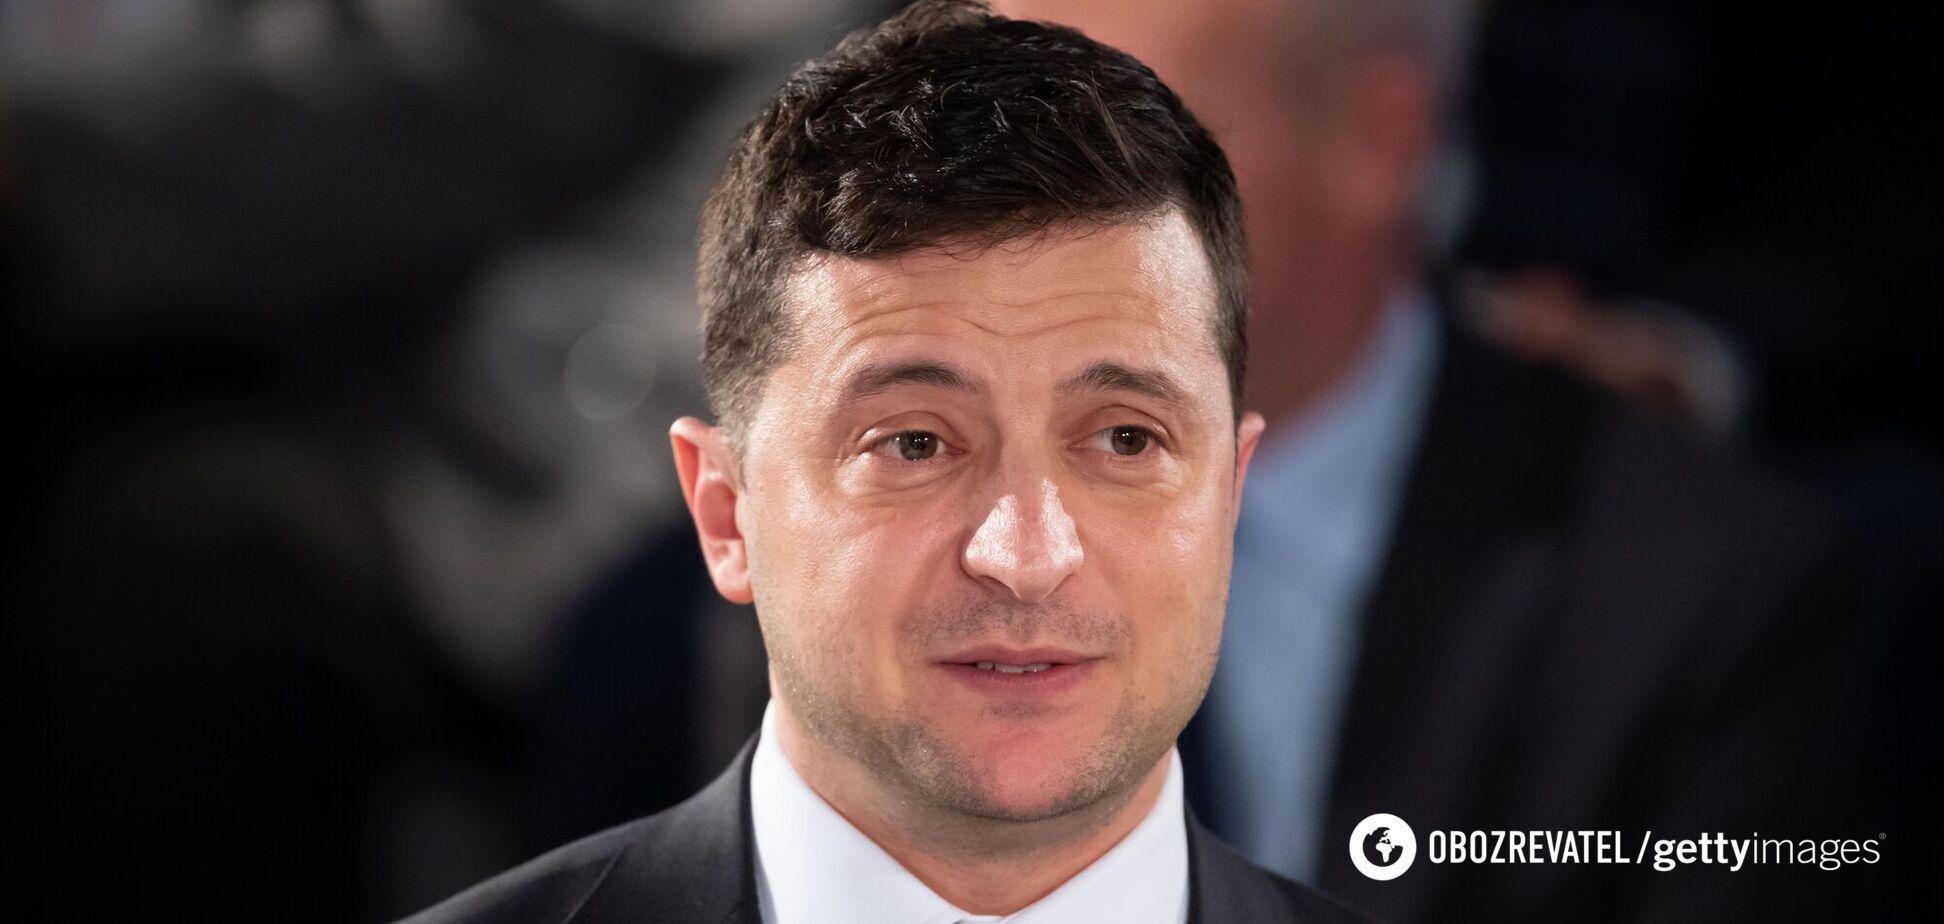 Зеленський назвав одну з політсил 'Майбахом'